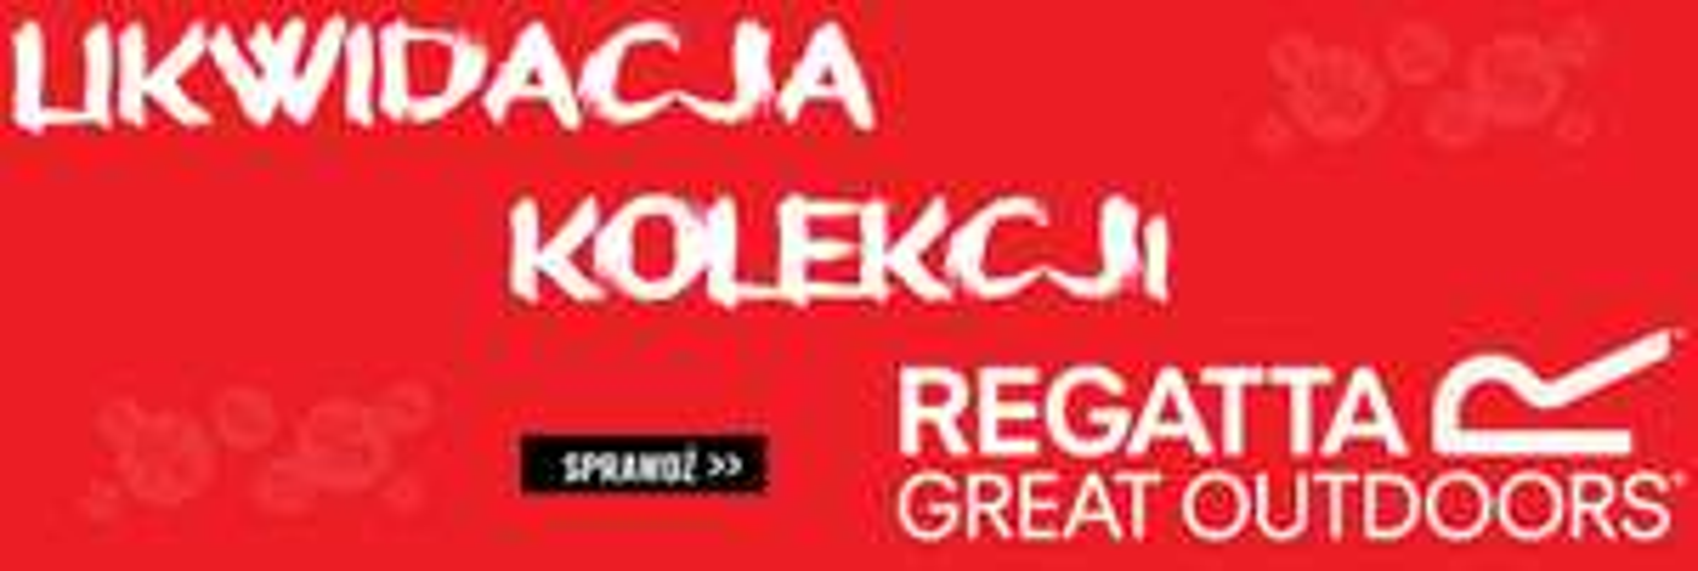 Likwidacja kolekcji Regatta - Toursport